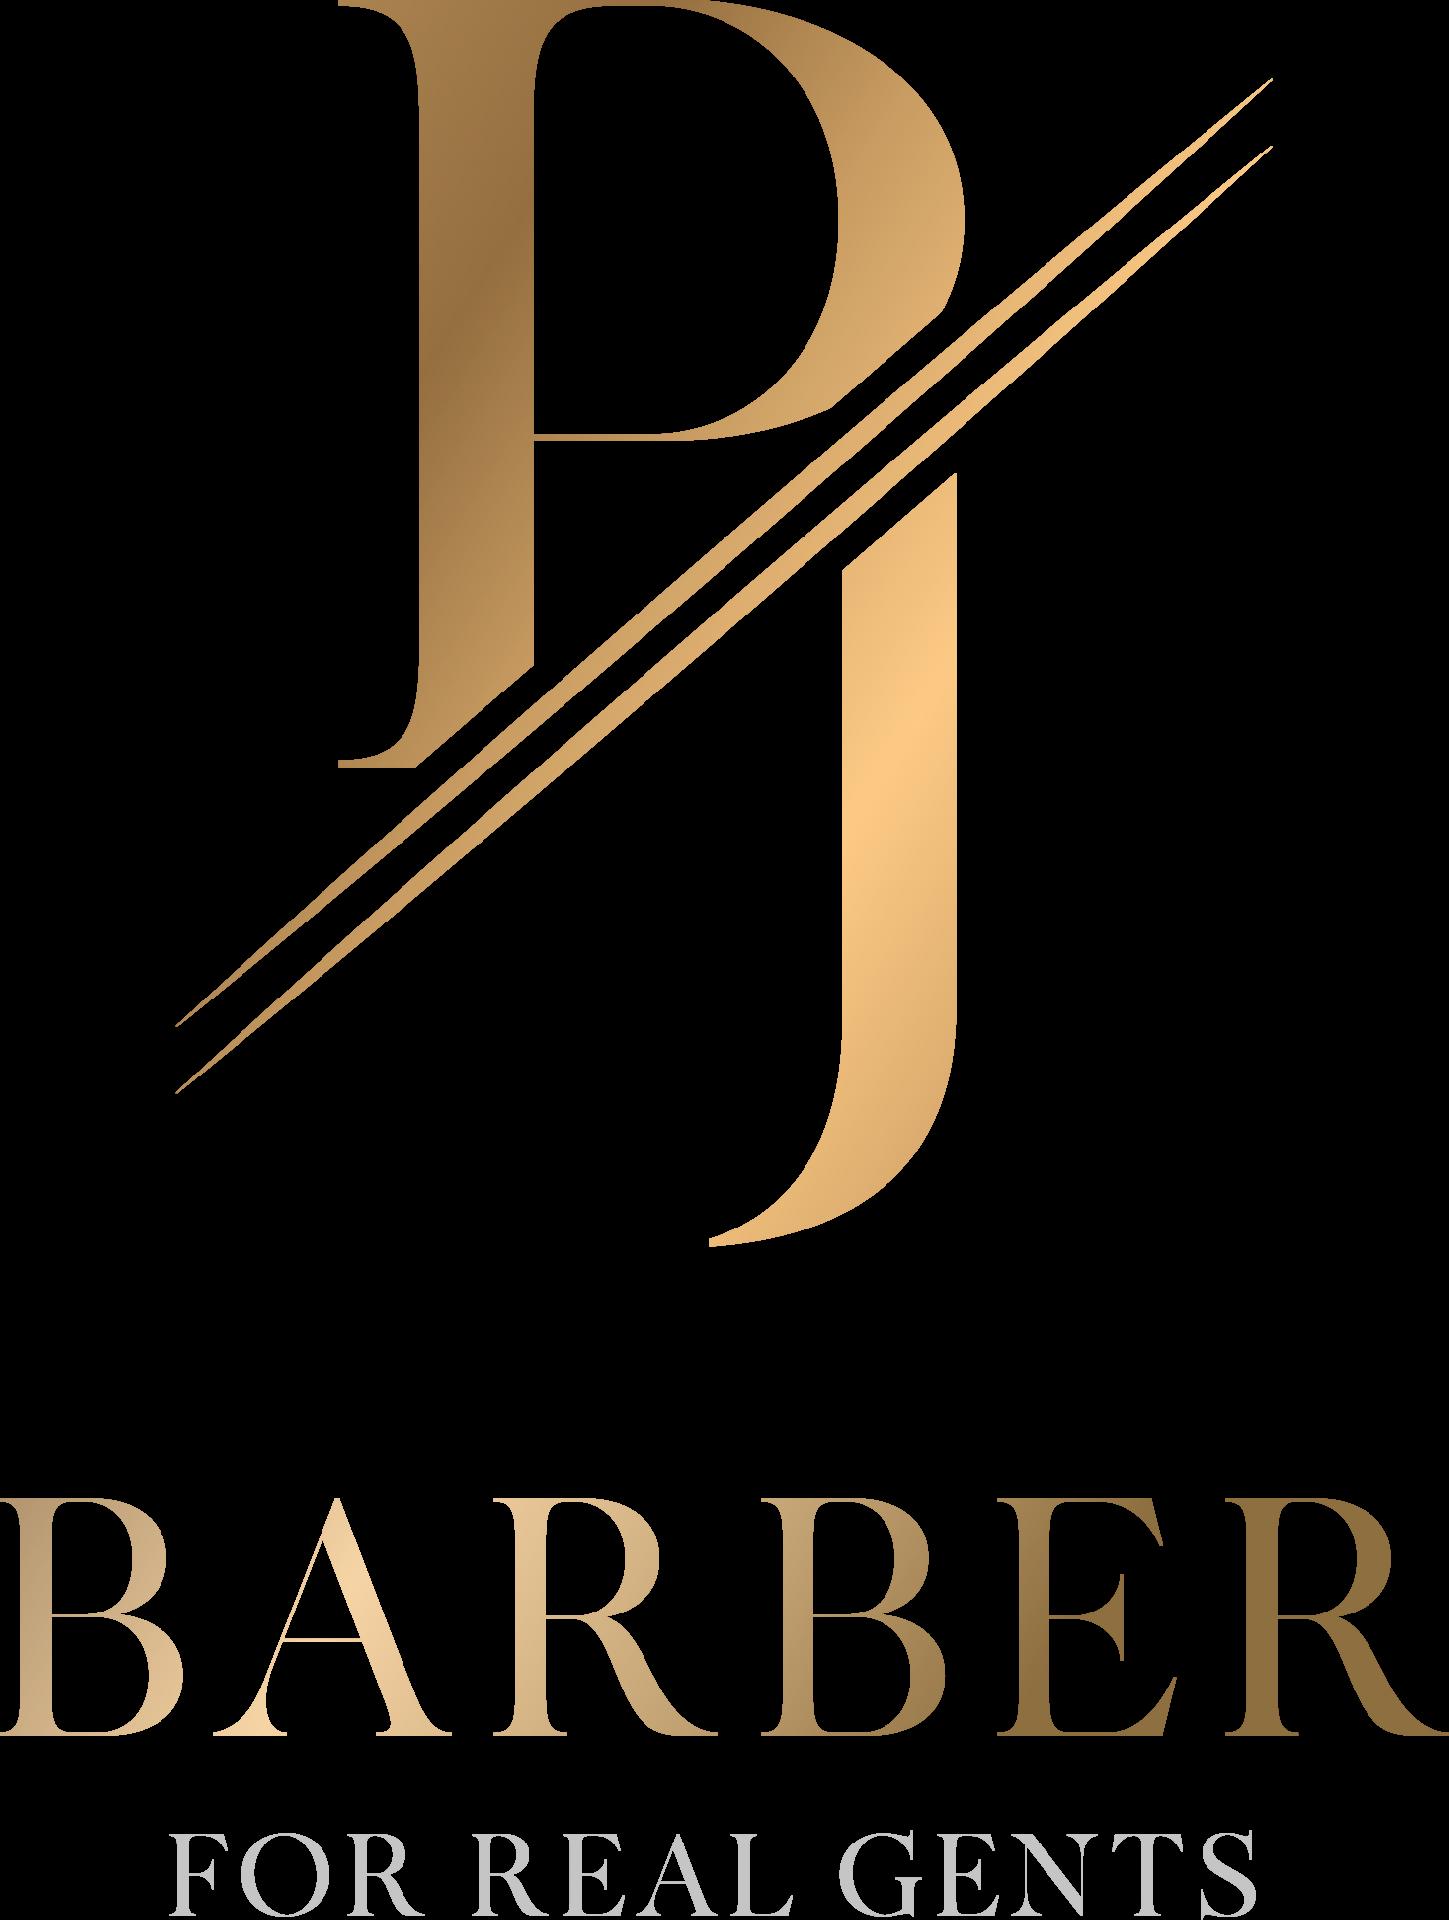 PJbarber - for real gents®